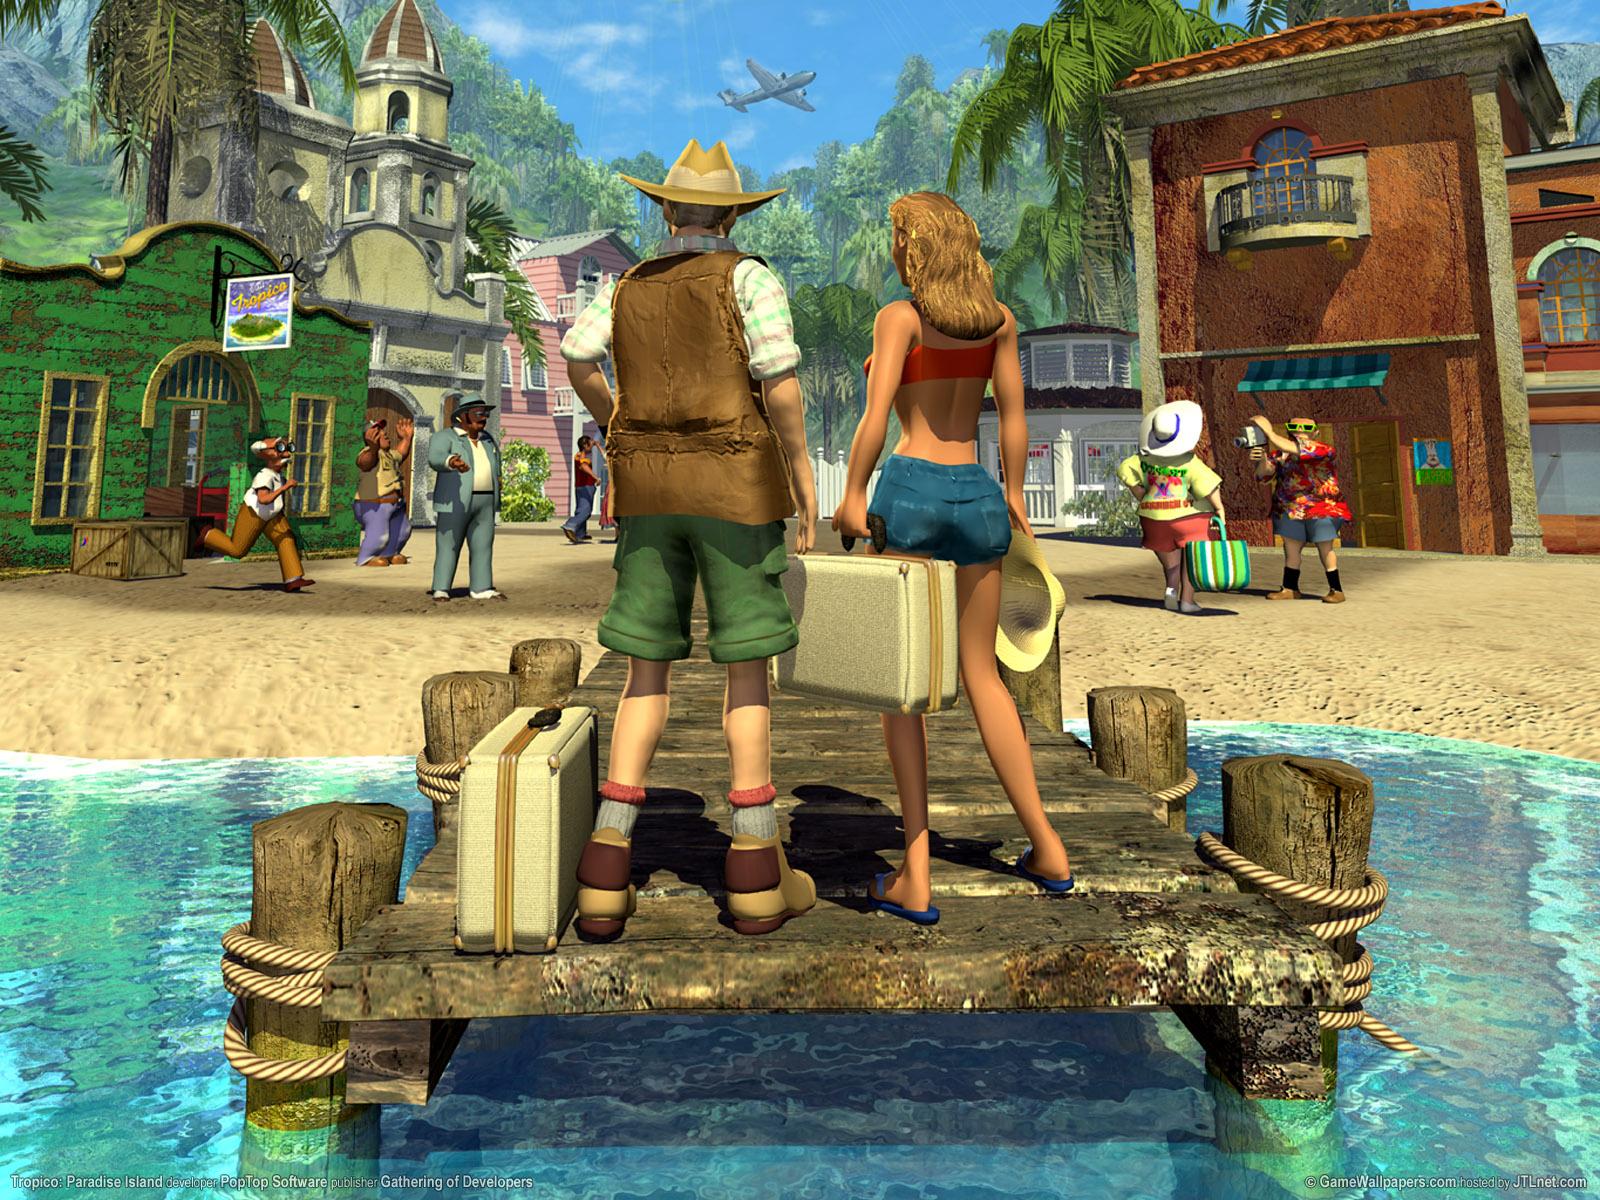 Tropico Backgrounds, Compatible - PC, Mobile, Gadgets| 1600x1200 px